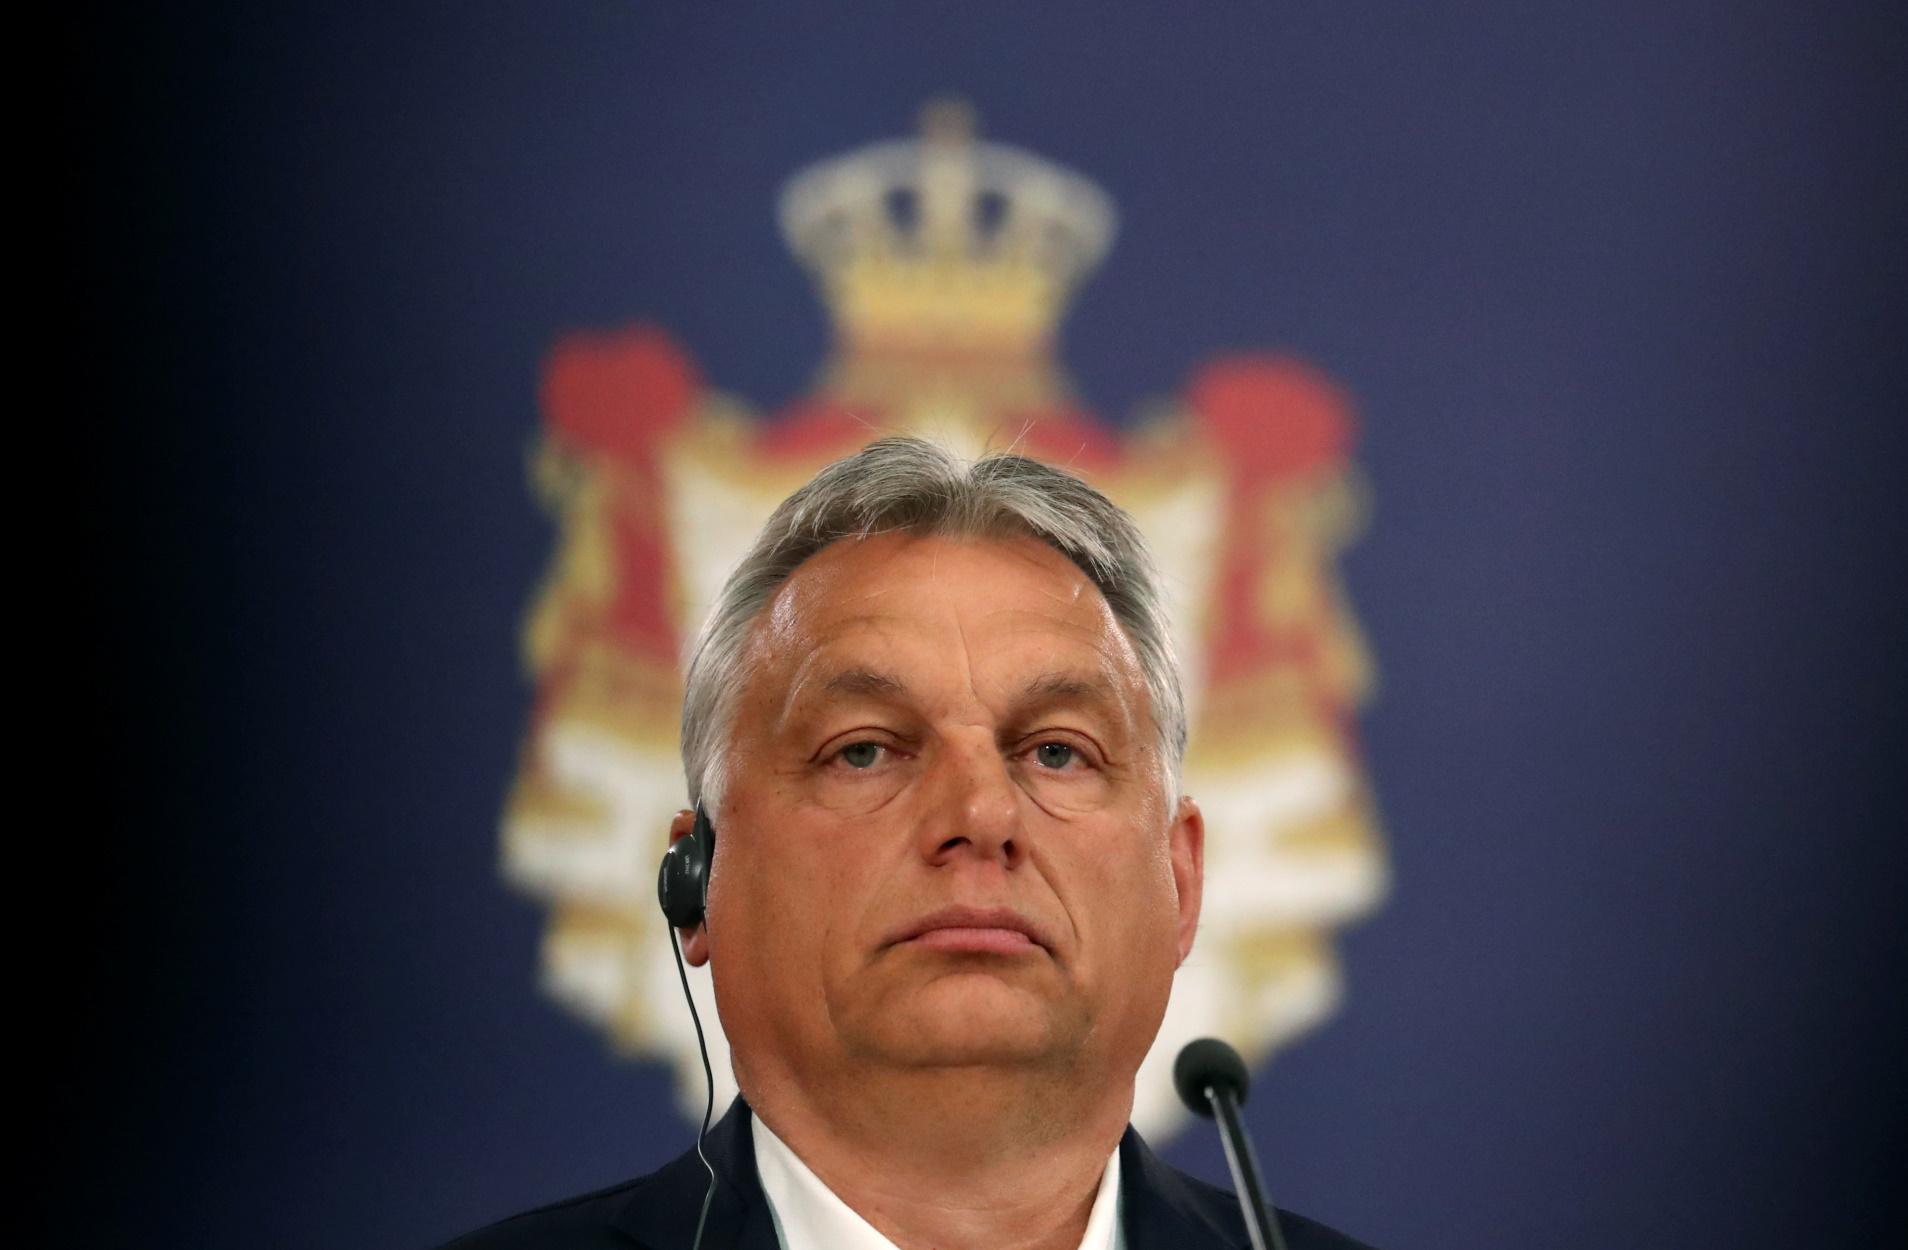 Όρμπαν: Δεν ιδρώνει το αυτί του για μετανάστες που εγκλωβίστηκαν στα σύνορα με τη Σερβία